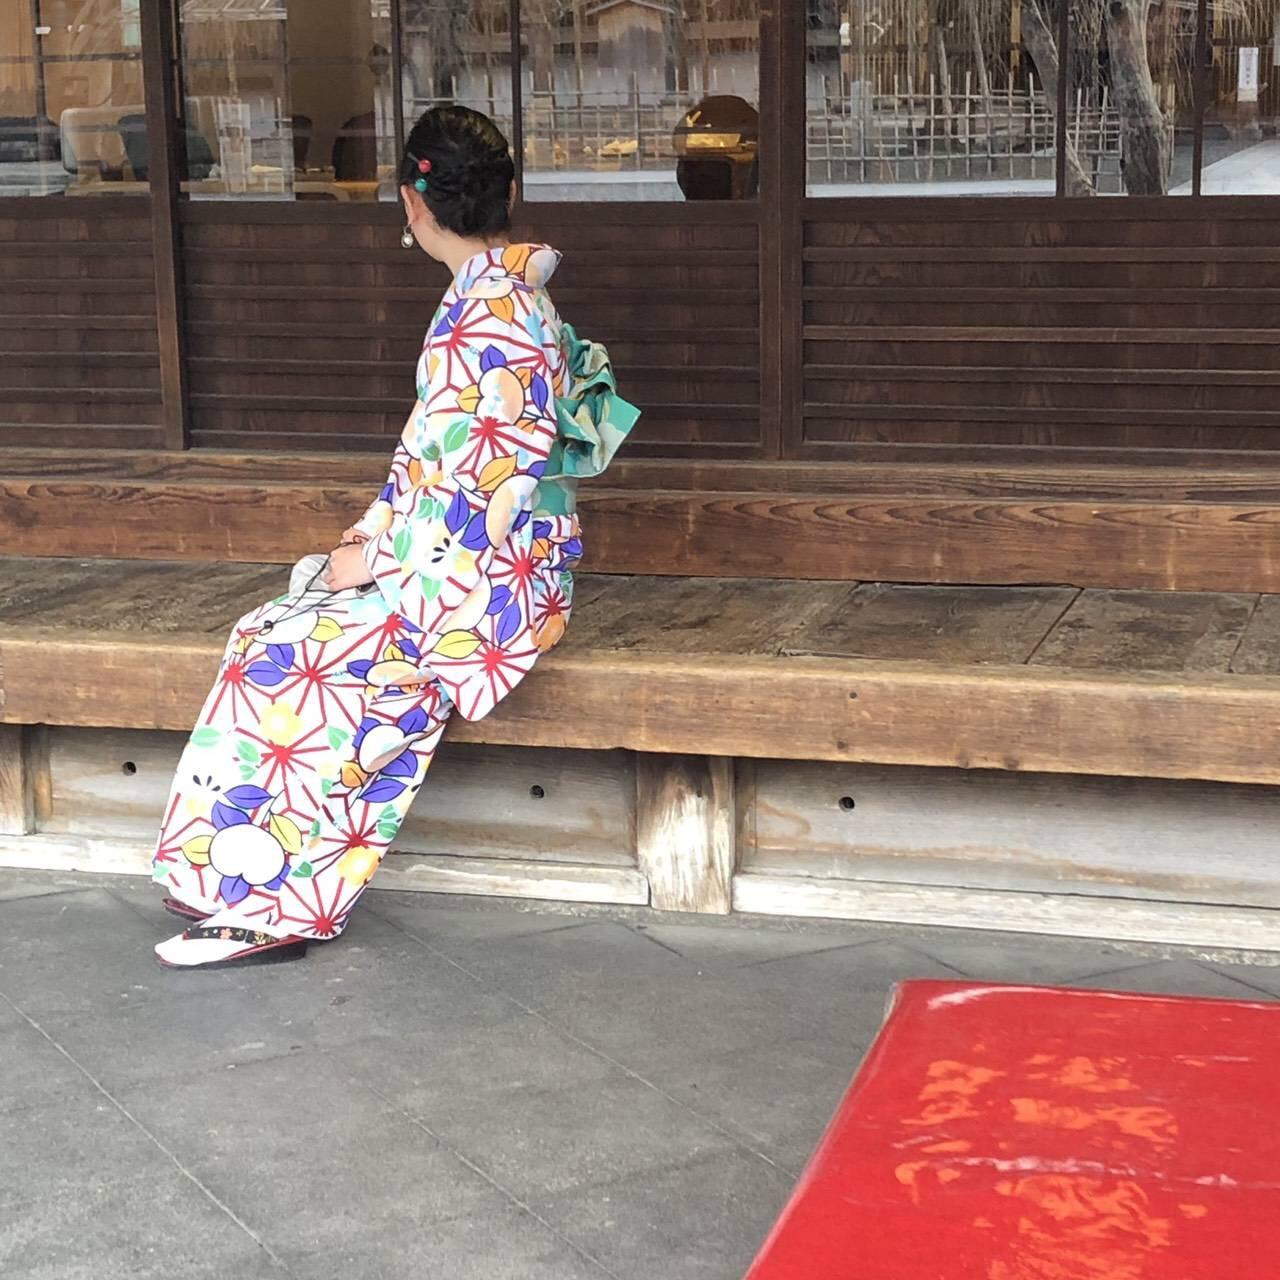 今日も京都御苑へお花見♡2019年3月26日3